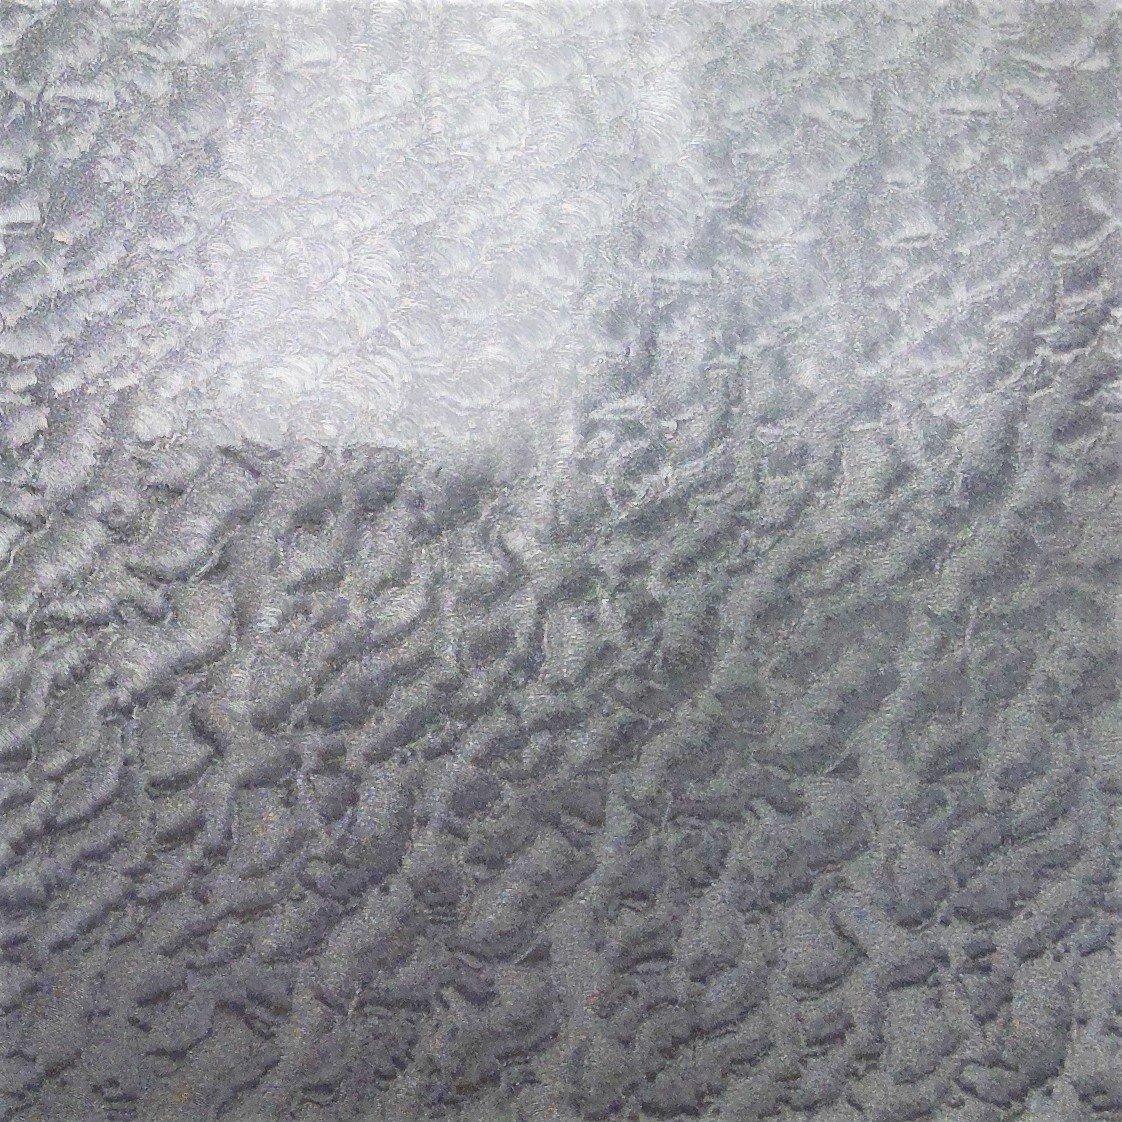 Pressure Sensitive Sign Vinyl Hammered Leaf Silver 12x12 Sheet